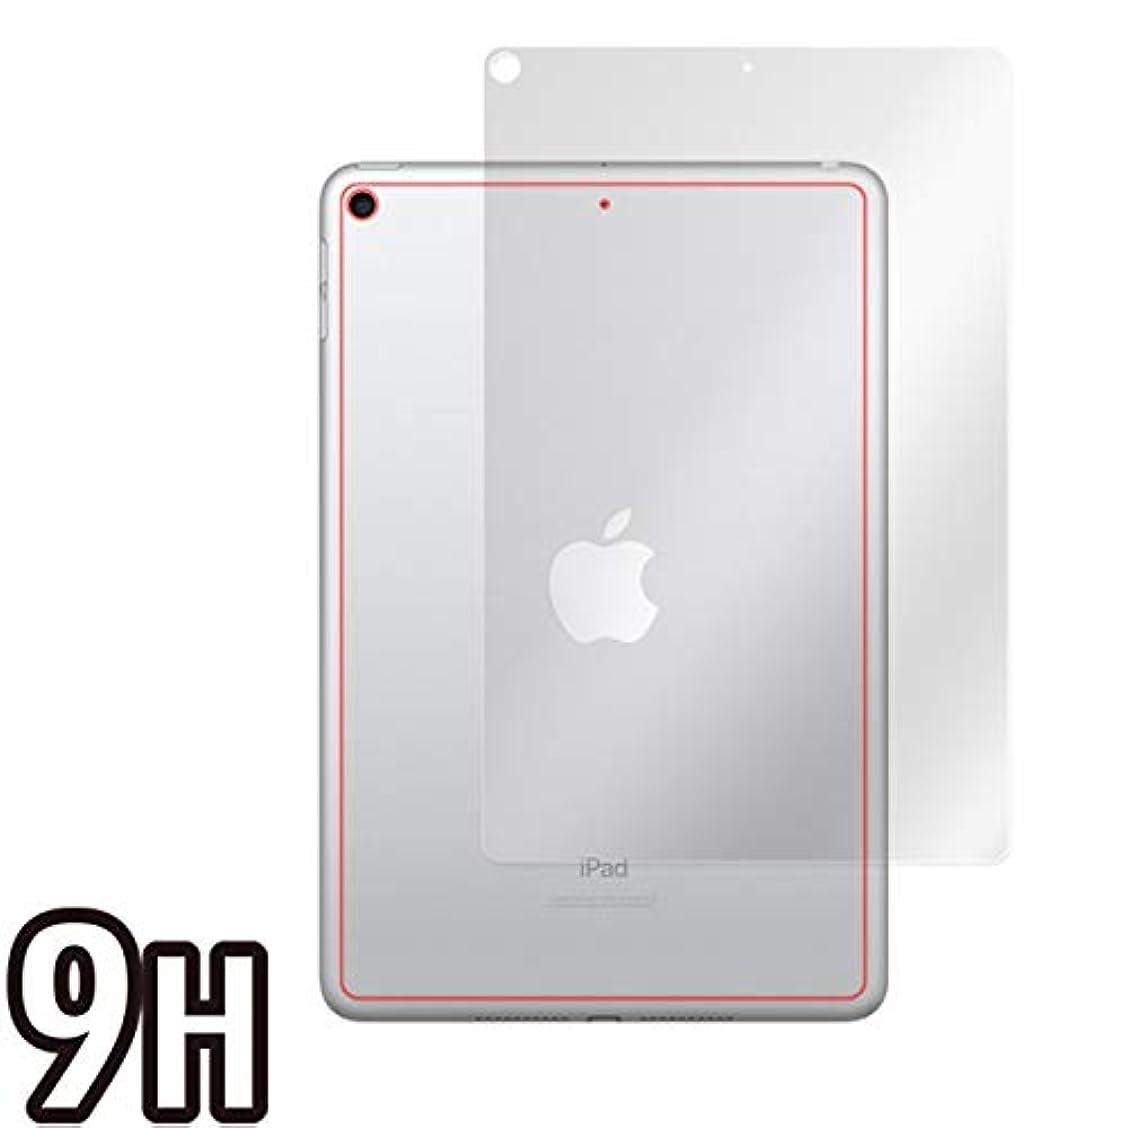 レオナルドダ心理的にレオナルドダPET製フィルム 強化ガラス同等の硬度 高硬度9H素材採用 iPad mini (第5世代) (Wi-Fiモデル) / iPad mini 5 2019 用 日本製 光沢液晶背面フィルム OverLay Brilliant 9H O9HBIPADM5/B/4